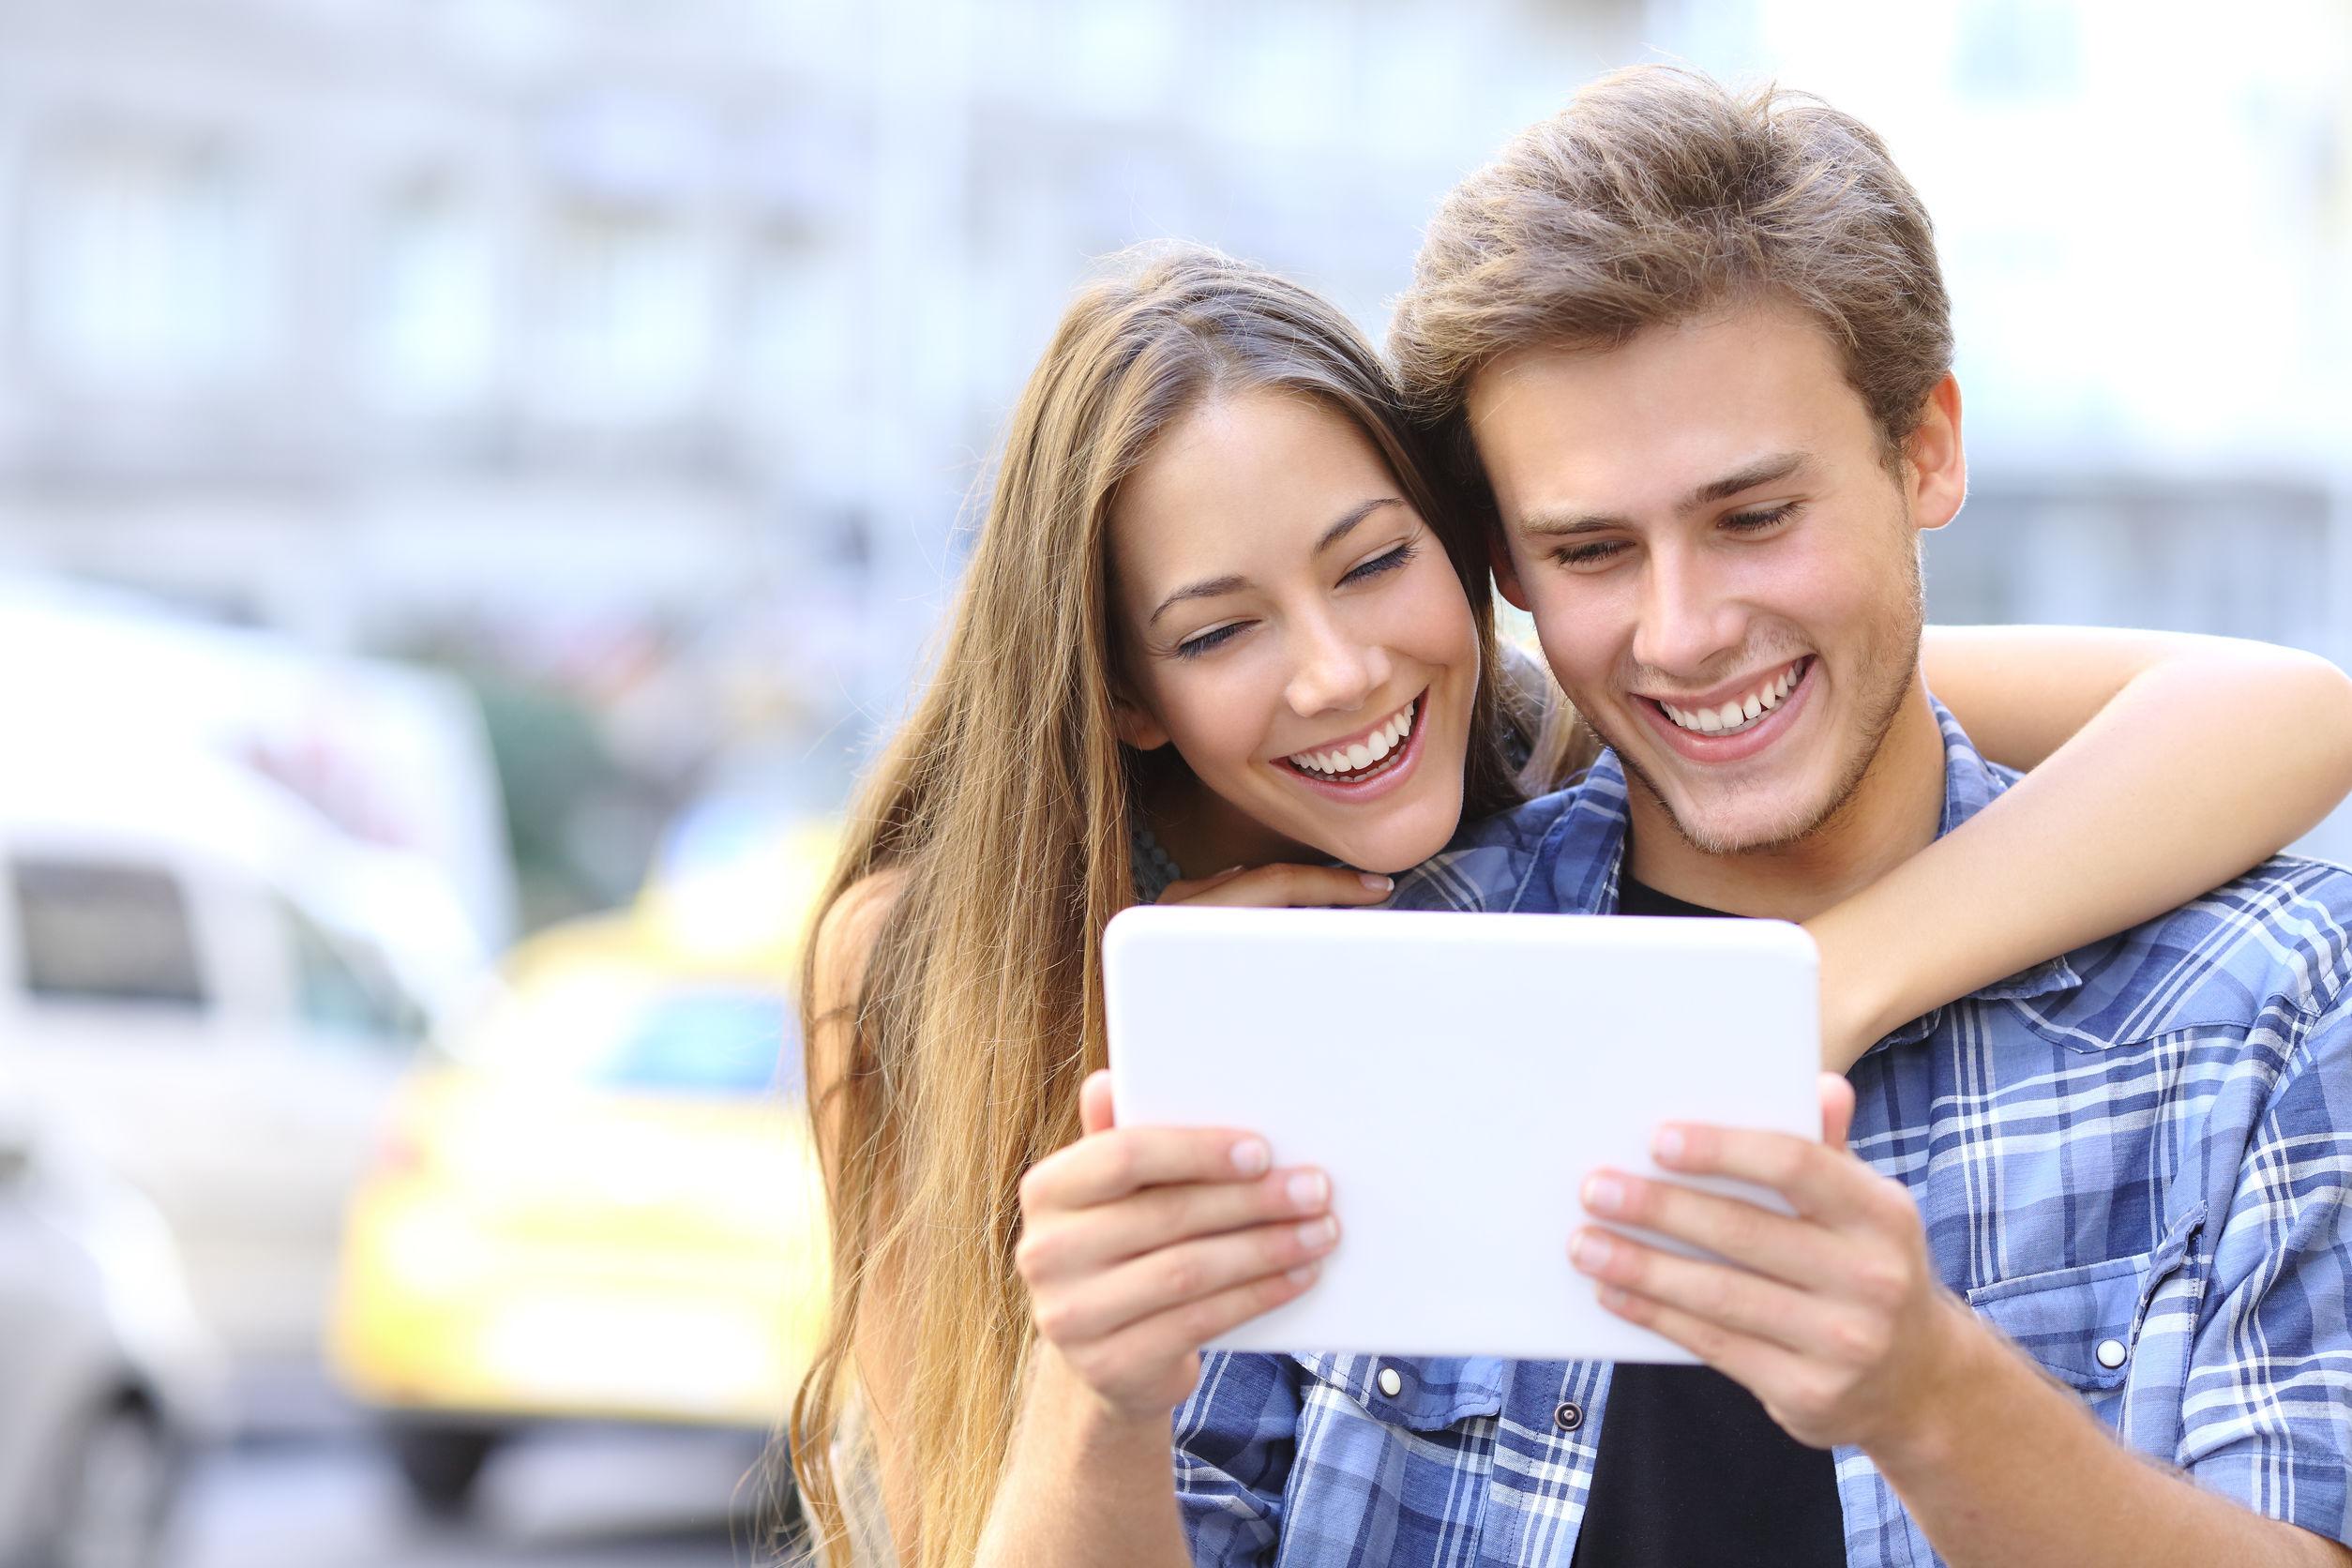 Pareja de jovenes sonrientes sosteniendo una tablet